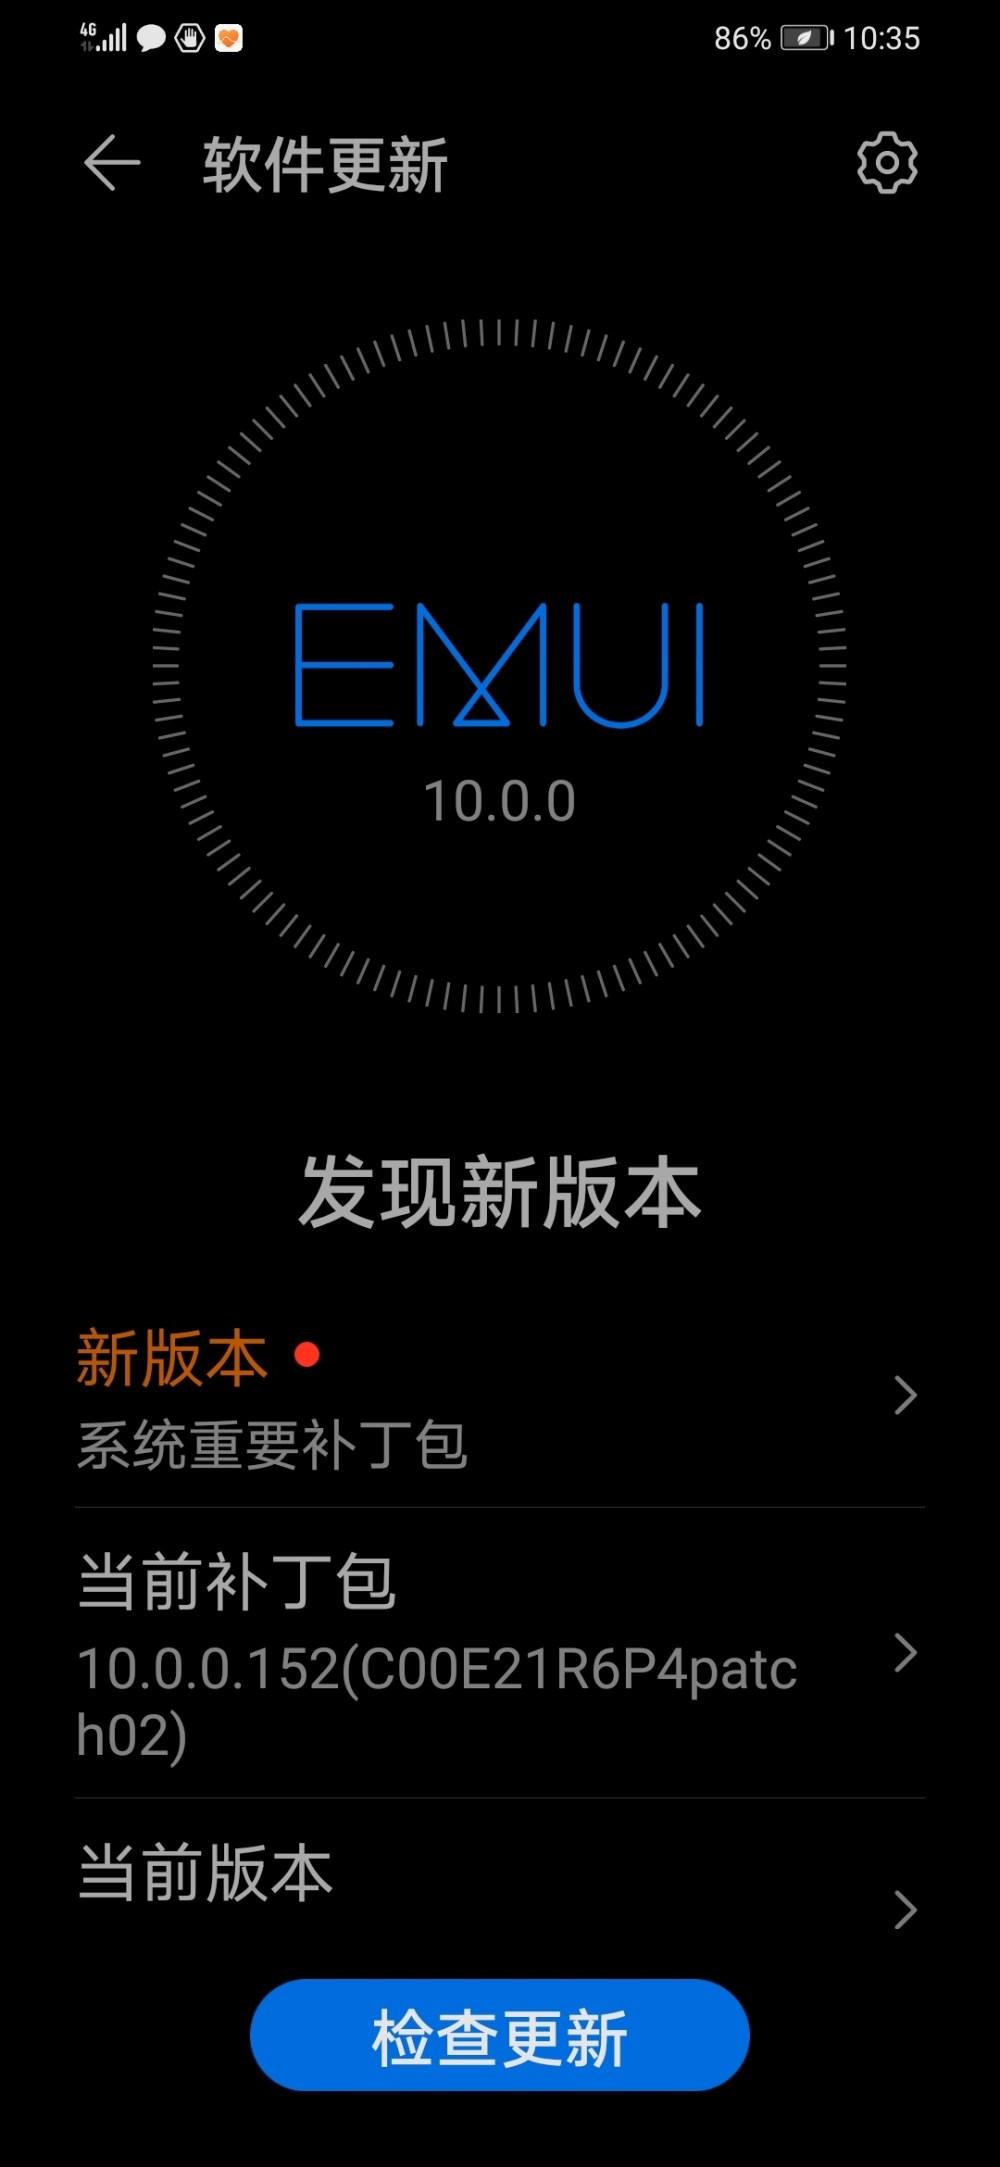 Huawei Nova 5 Pro EMUI 10.0.0.152 system patch update